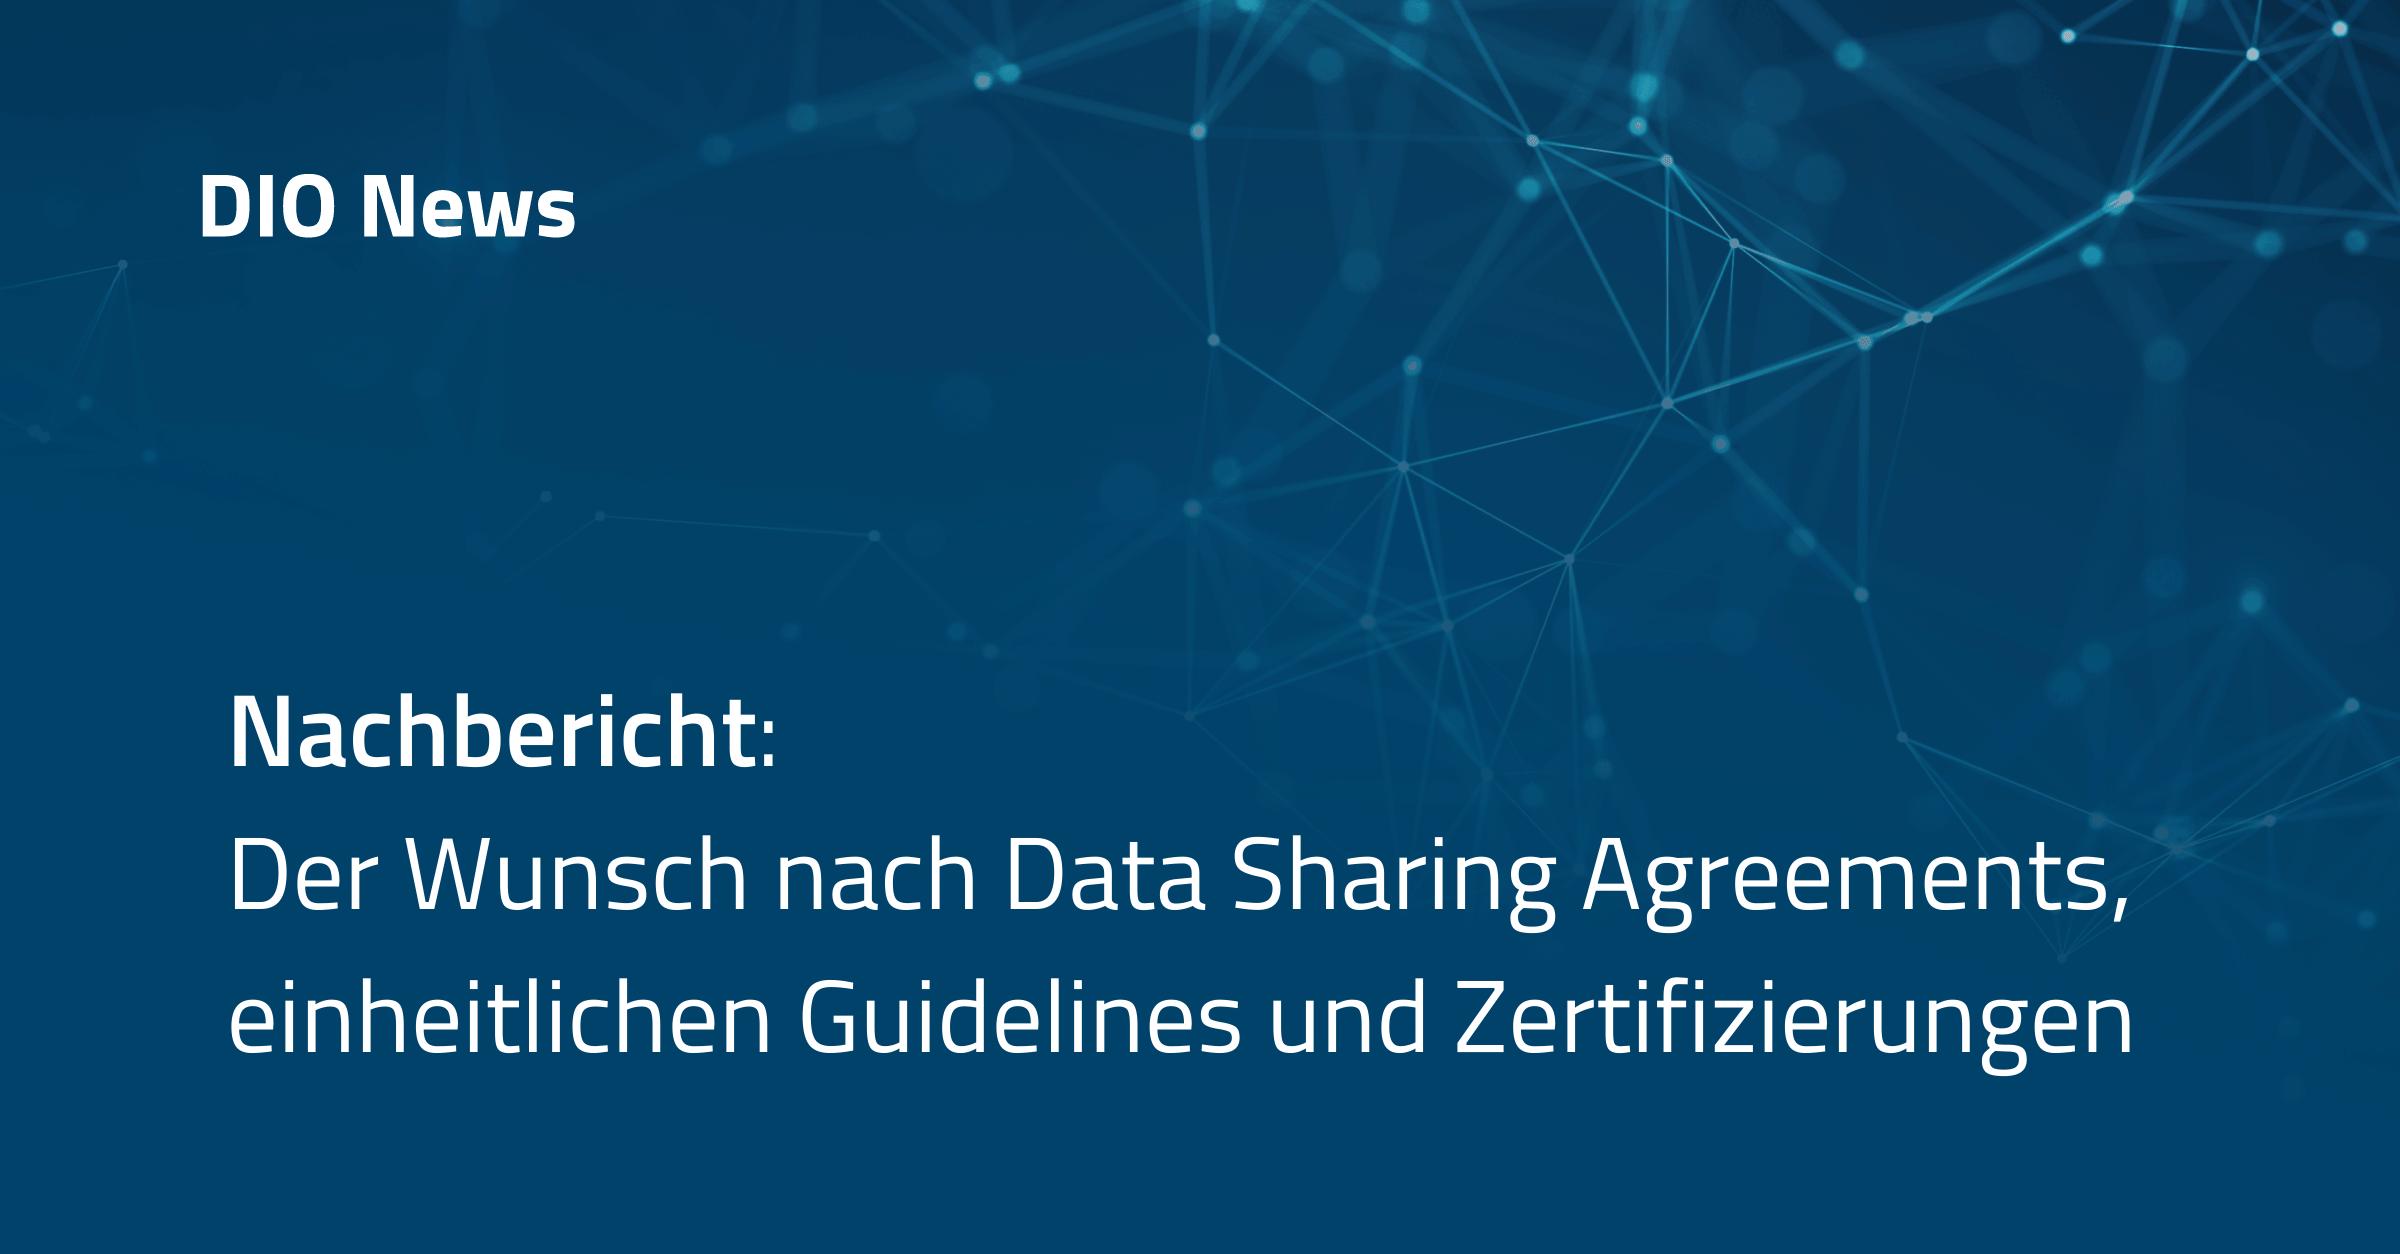 Nachbericht: Der Wunsch nach Data Sharing Agreements, einheitlichen Guidelines und Zertifizierungen